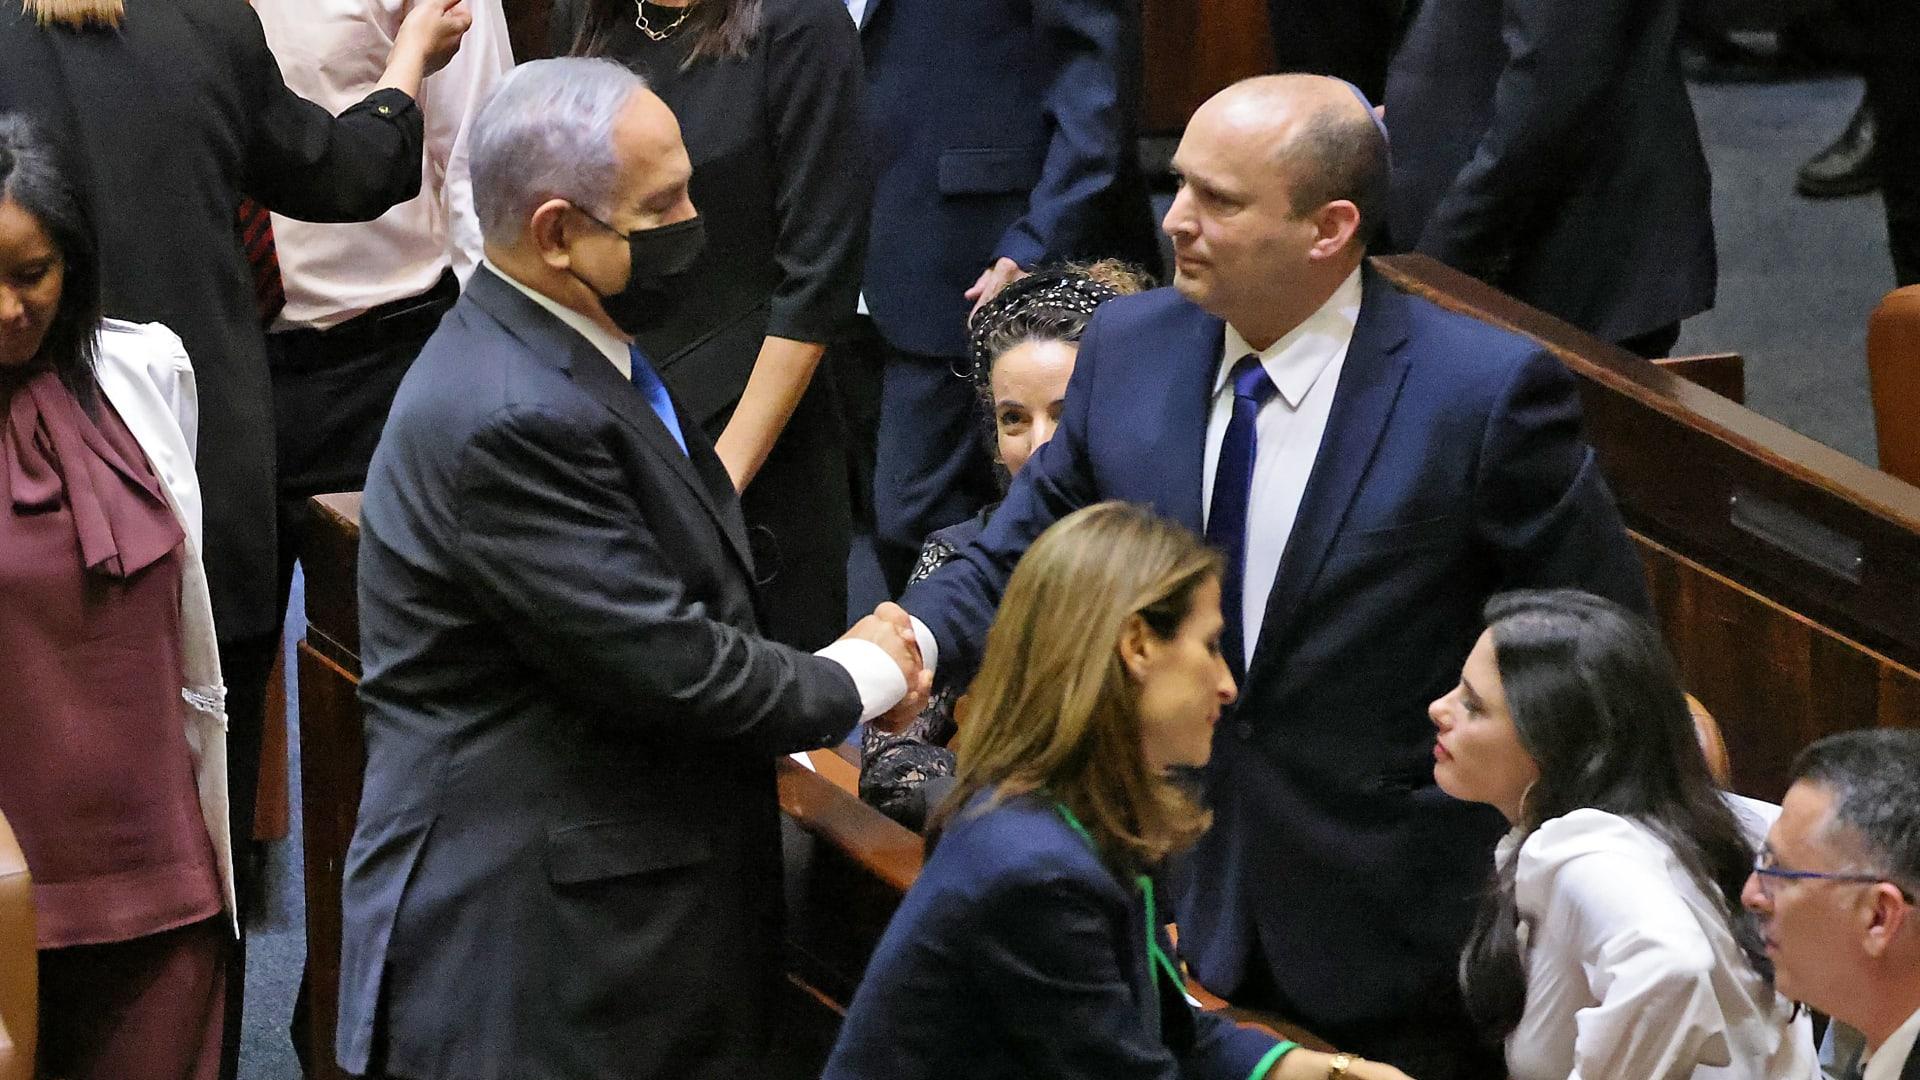 بينيت يصافح نتنياهو بعد تصويت الكنيست على الحكومة الإسرائيلية الجديدة